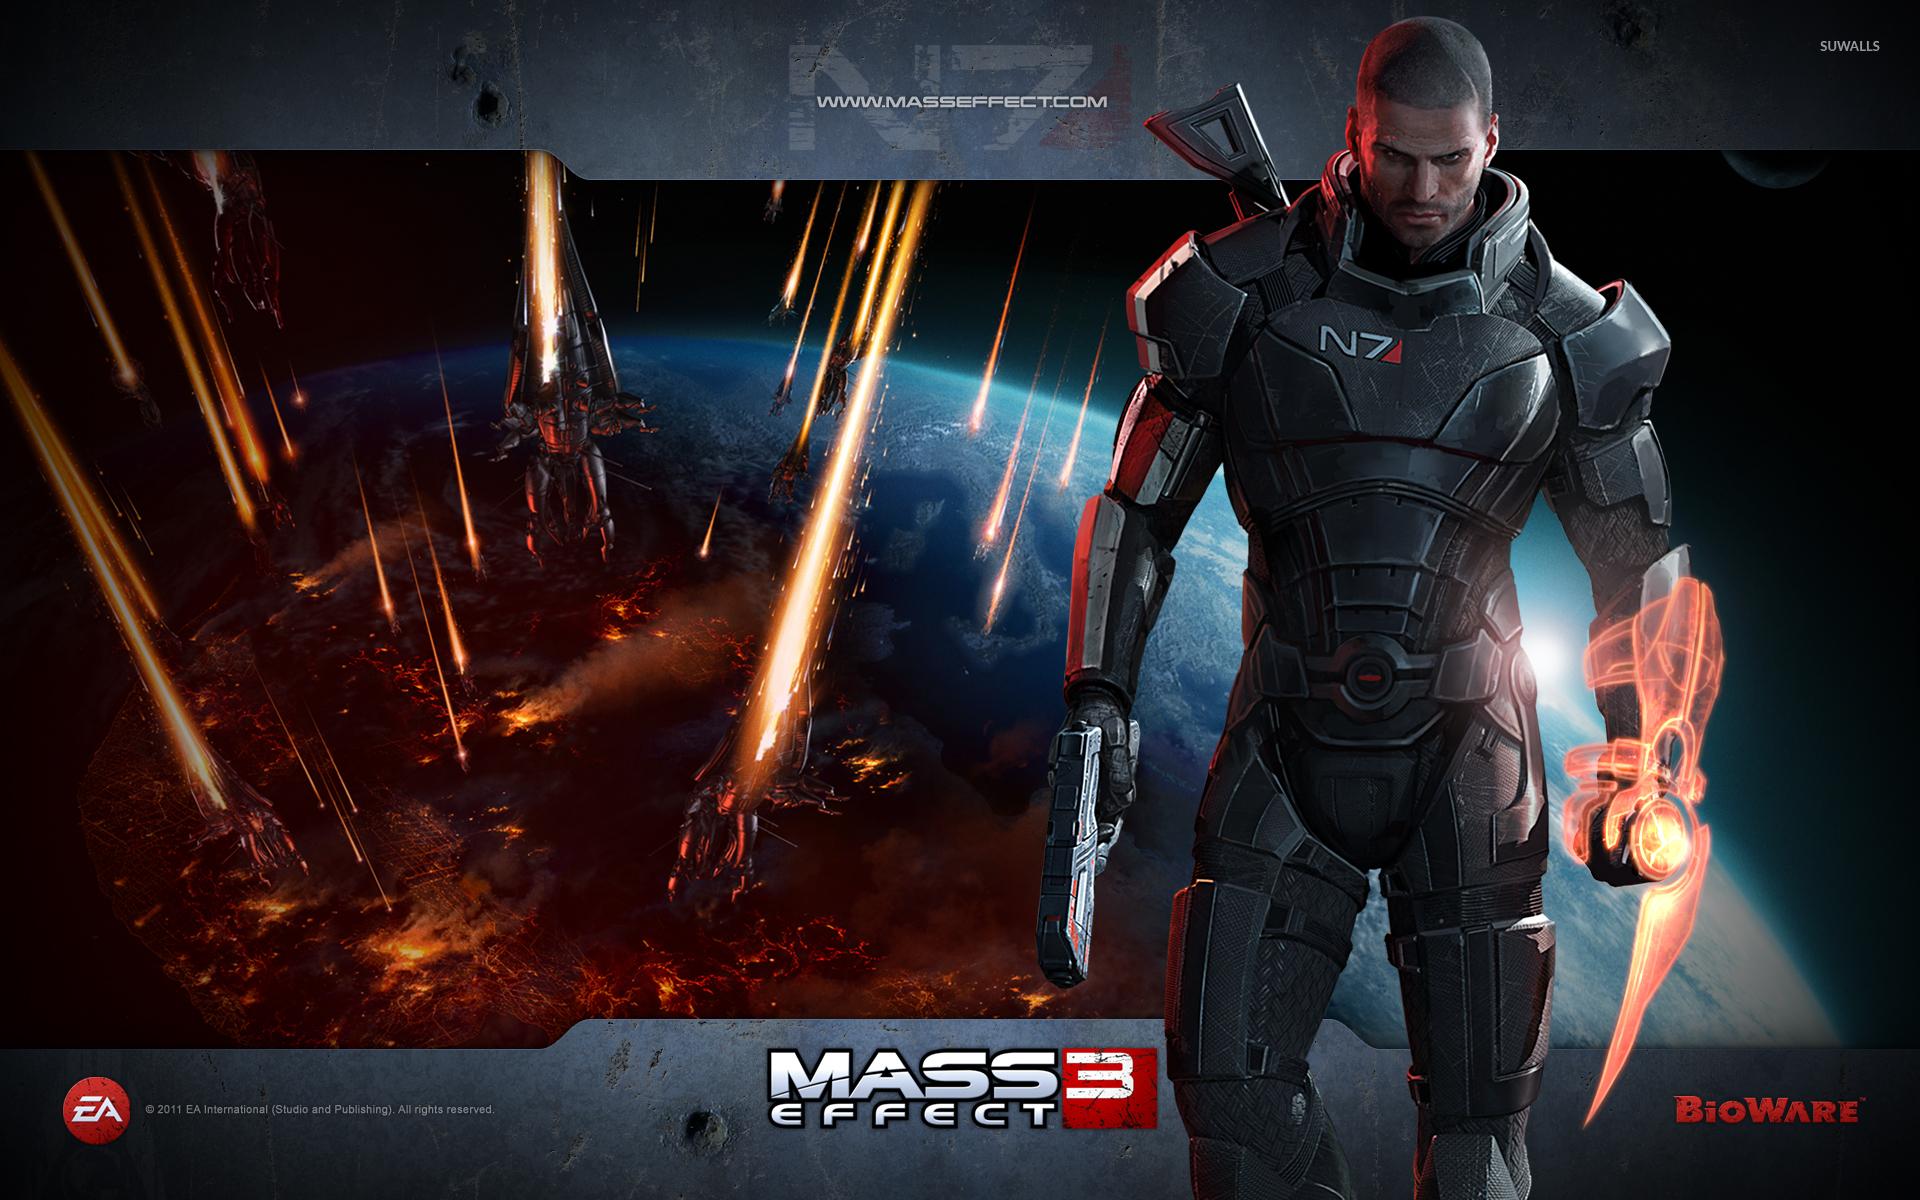 Commander Shepard Mass Effect 3 Wallpaper Game